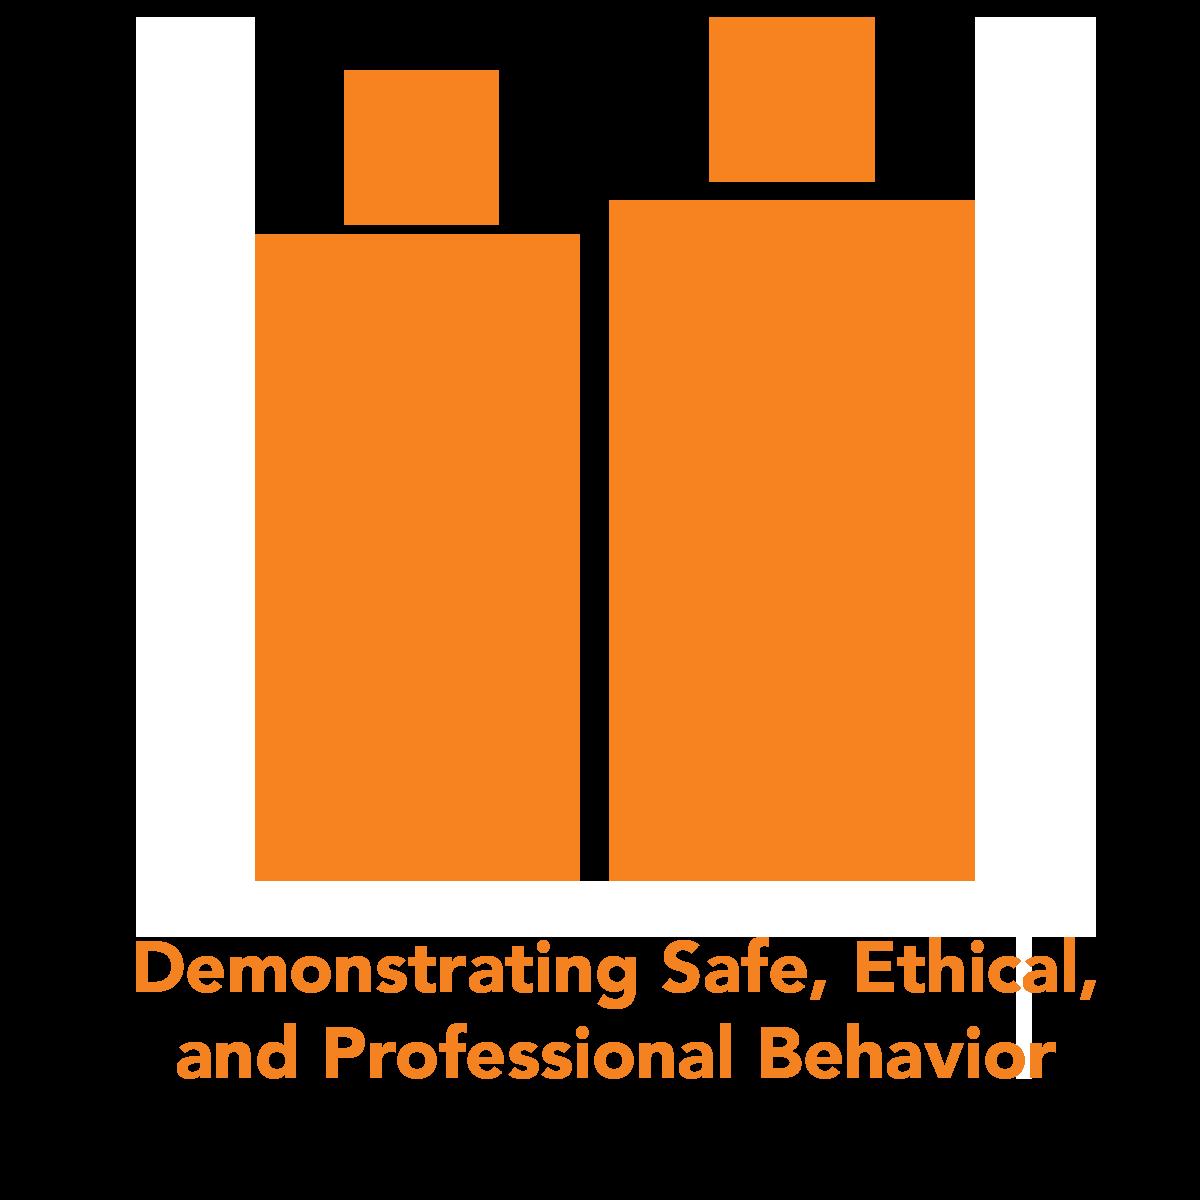 demonstrating-safe-ethical-professional-behavior.png